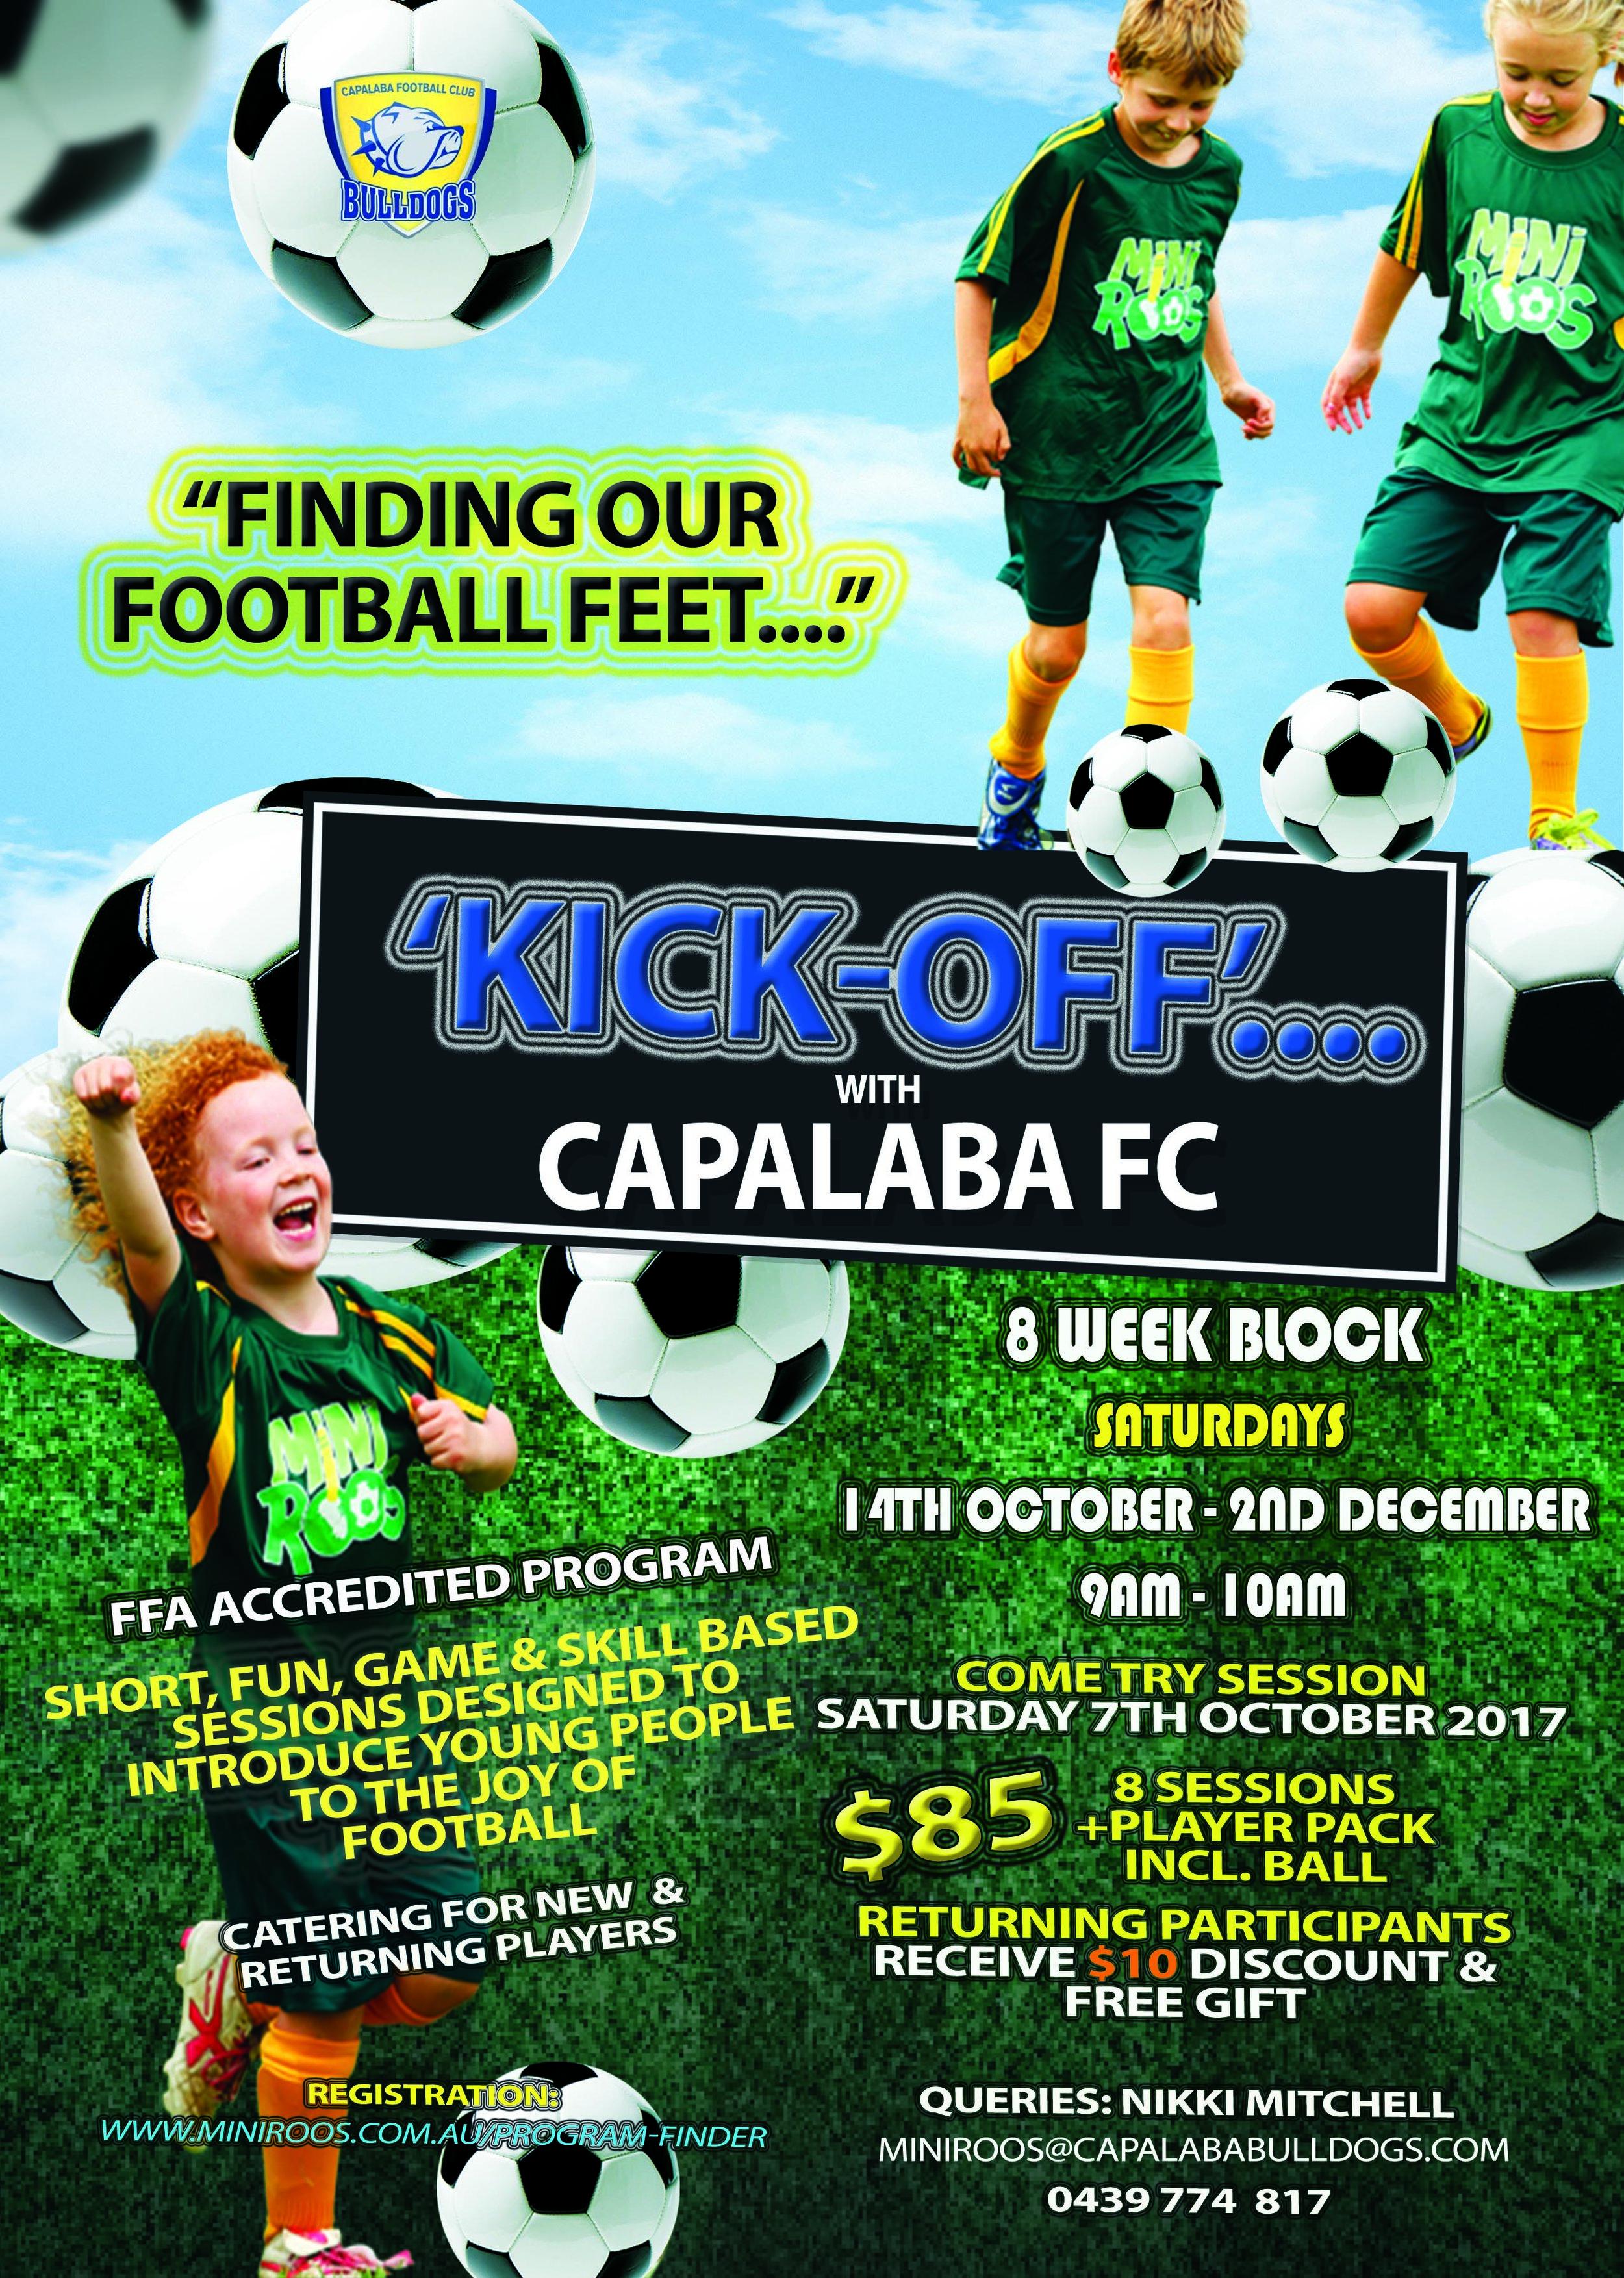 Capalaba FC KickOff Program 2017 Rd4 Flyer OCT-DEC.jpg